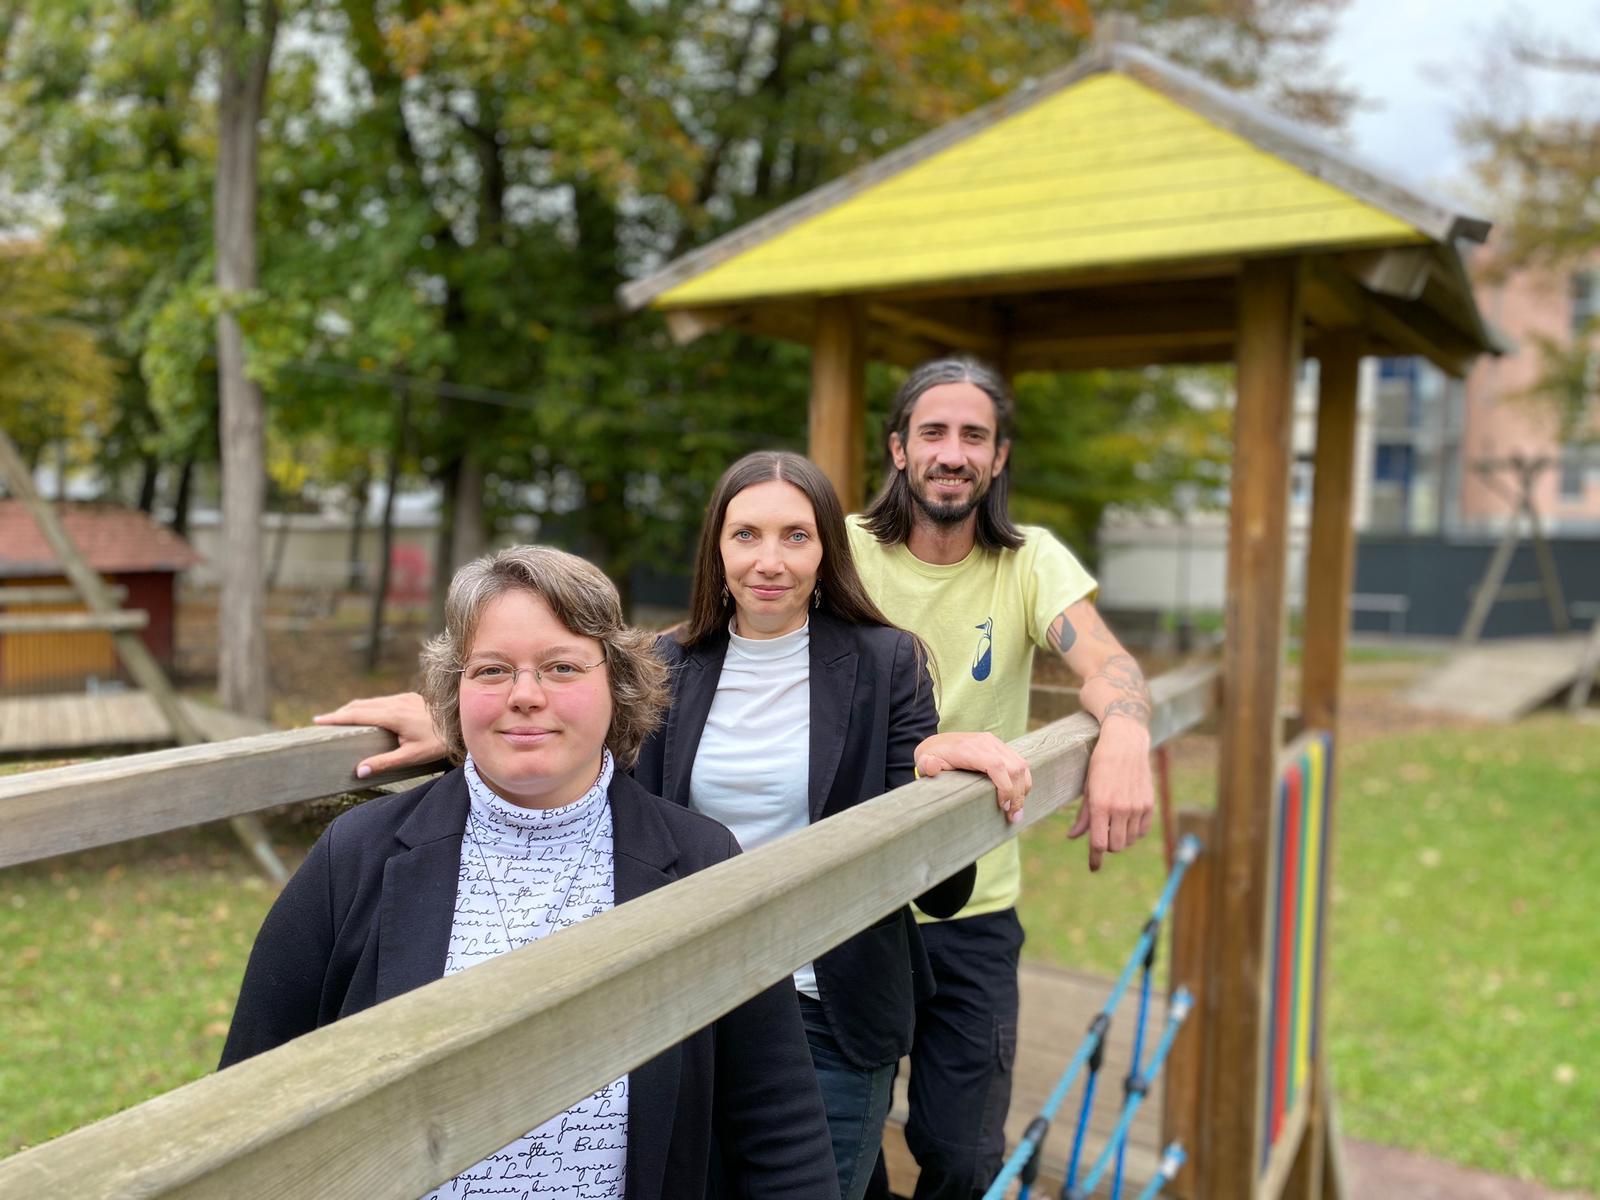 Frau Kanzler, Frau Schirgi und Herr Fuchshofer stehen auf der Hängebrücke im Garten des Odilien-Institutes